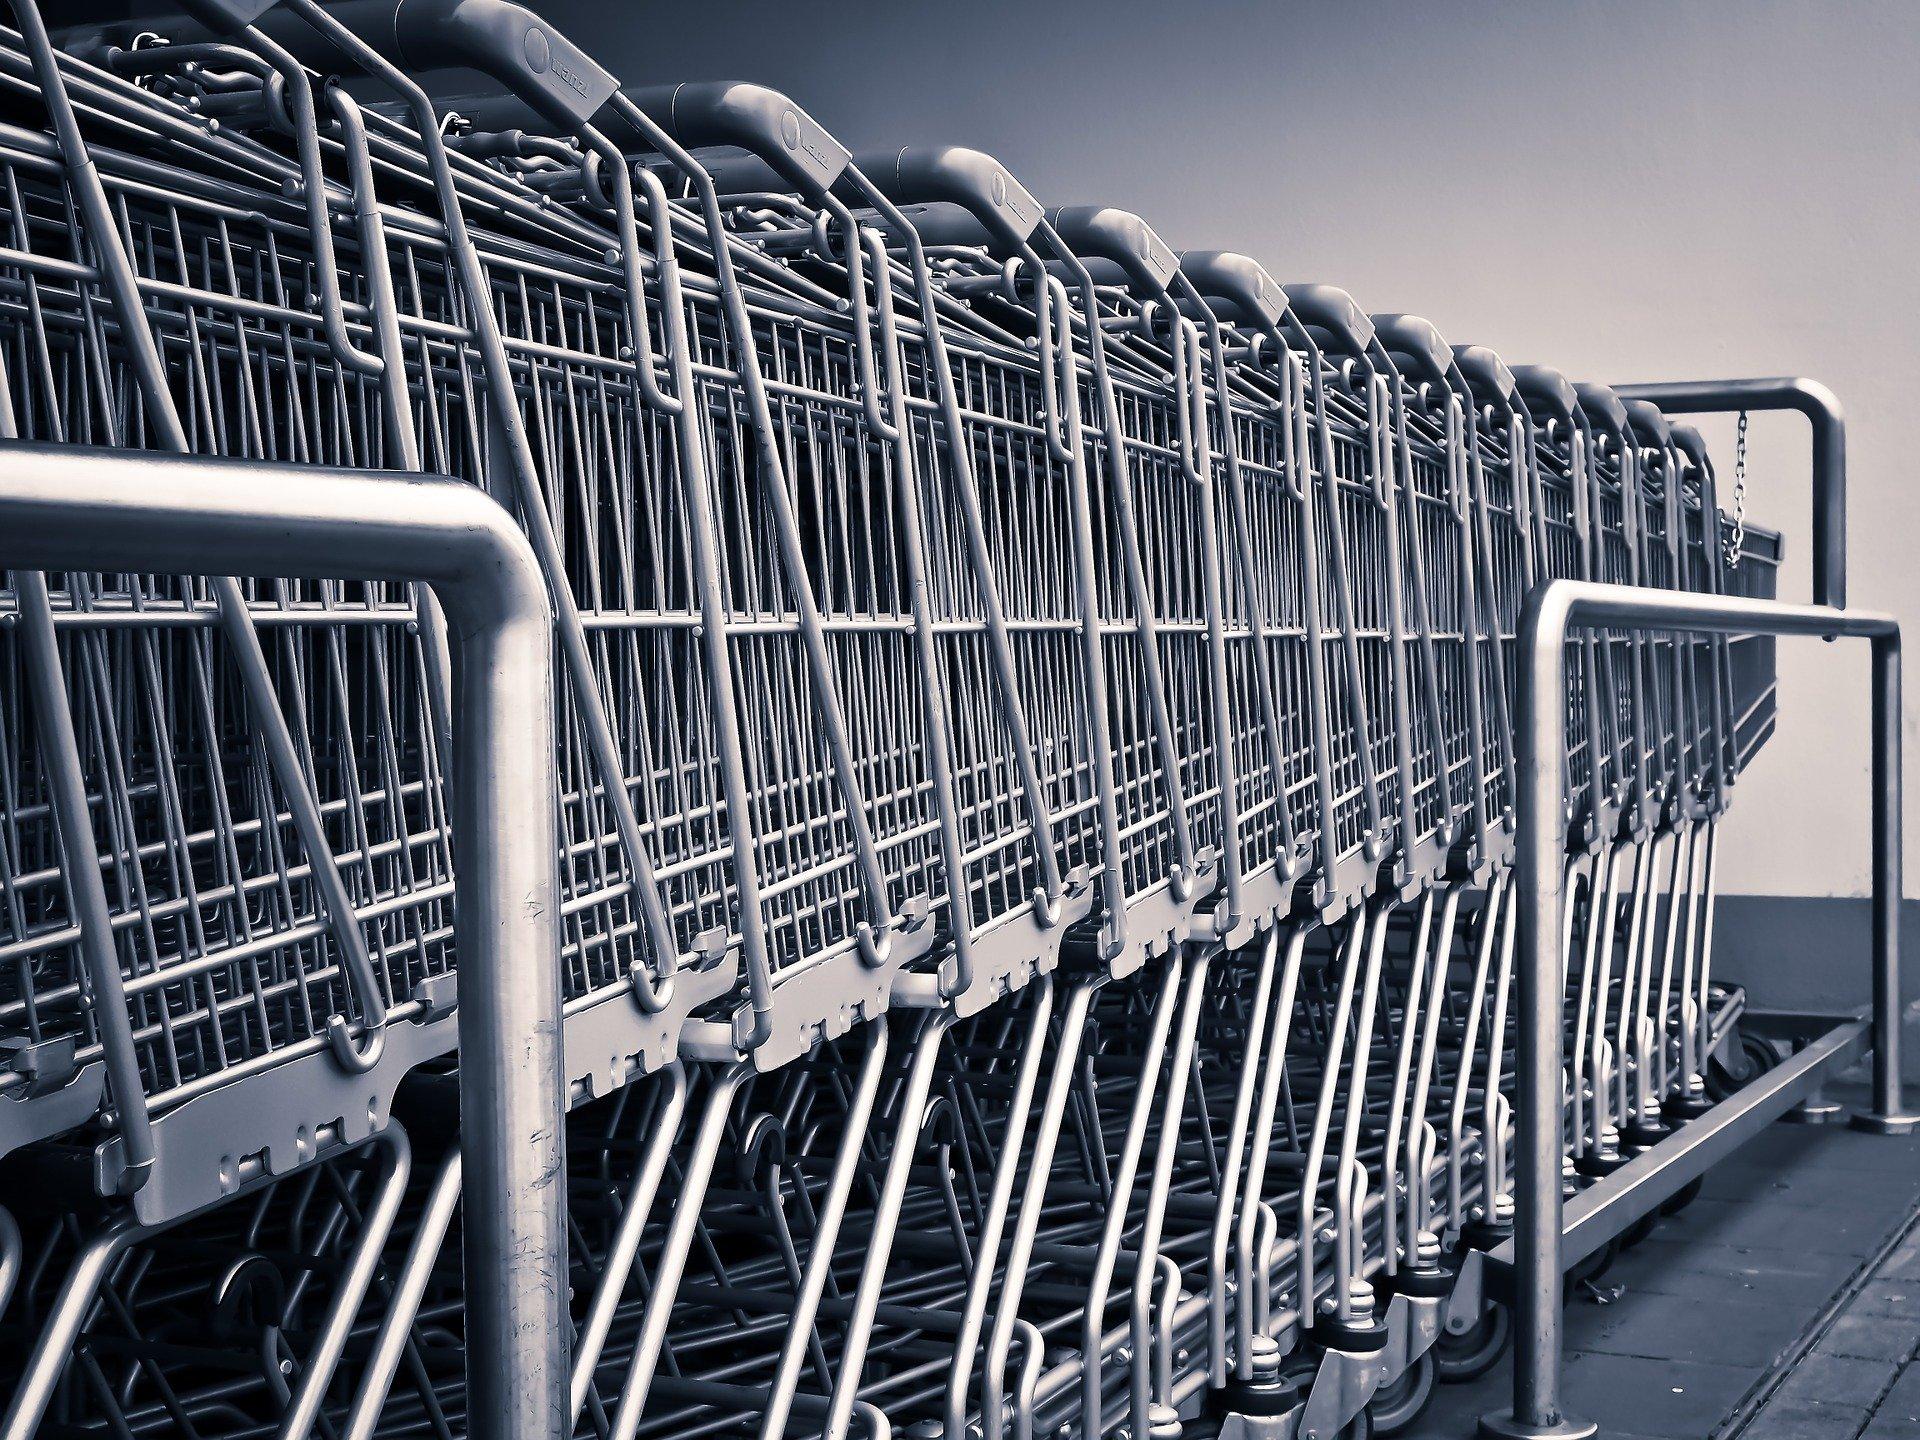 業務用スーパーでおすすめの商品は?一人暮らしの人必見のものをご紹介!